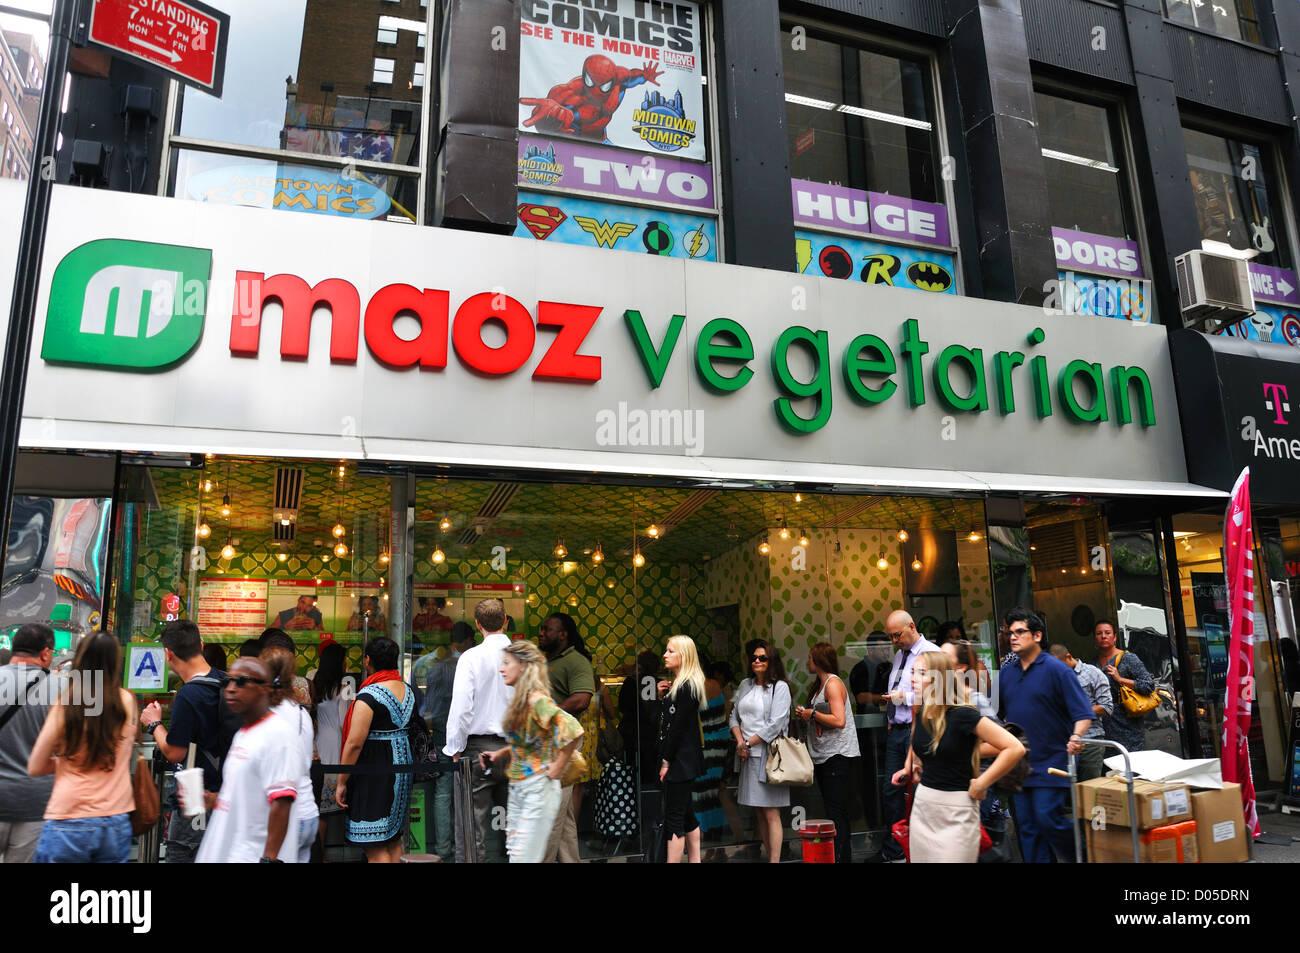 Maoz Vegetarian Restaurant New York City Usa Stock Photo